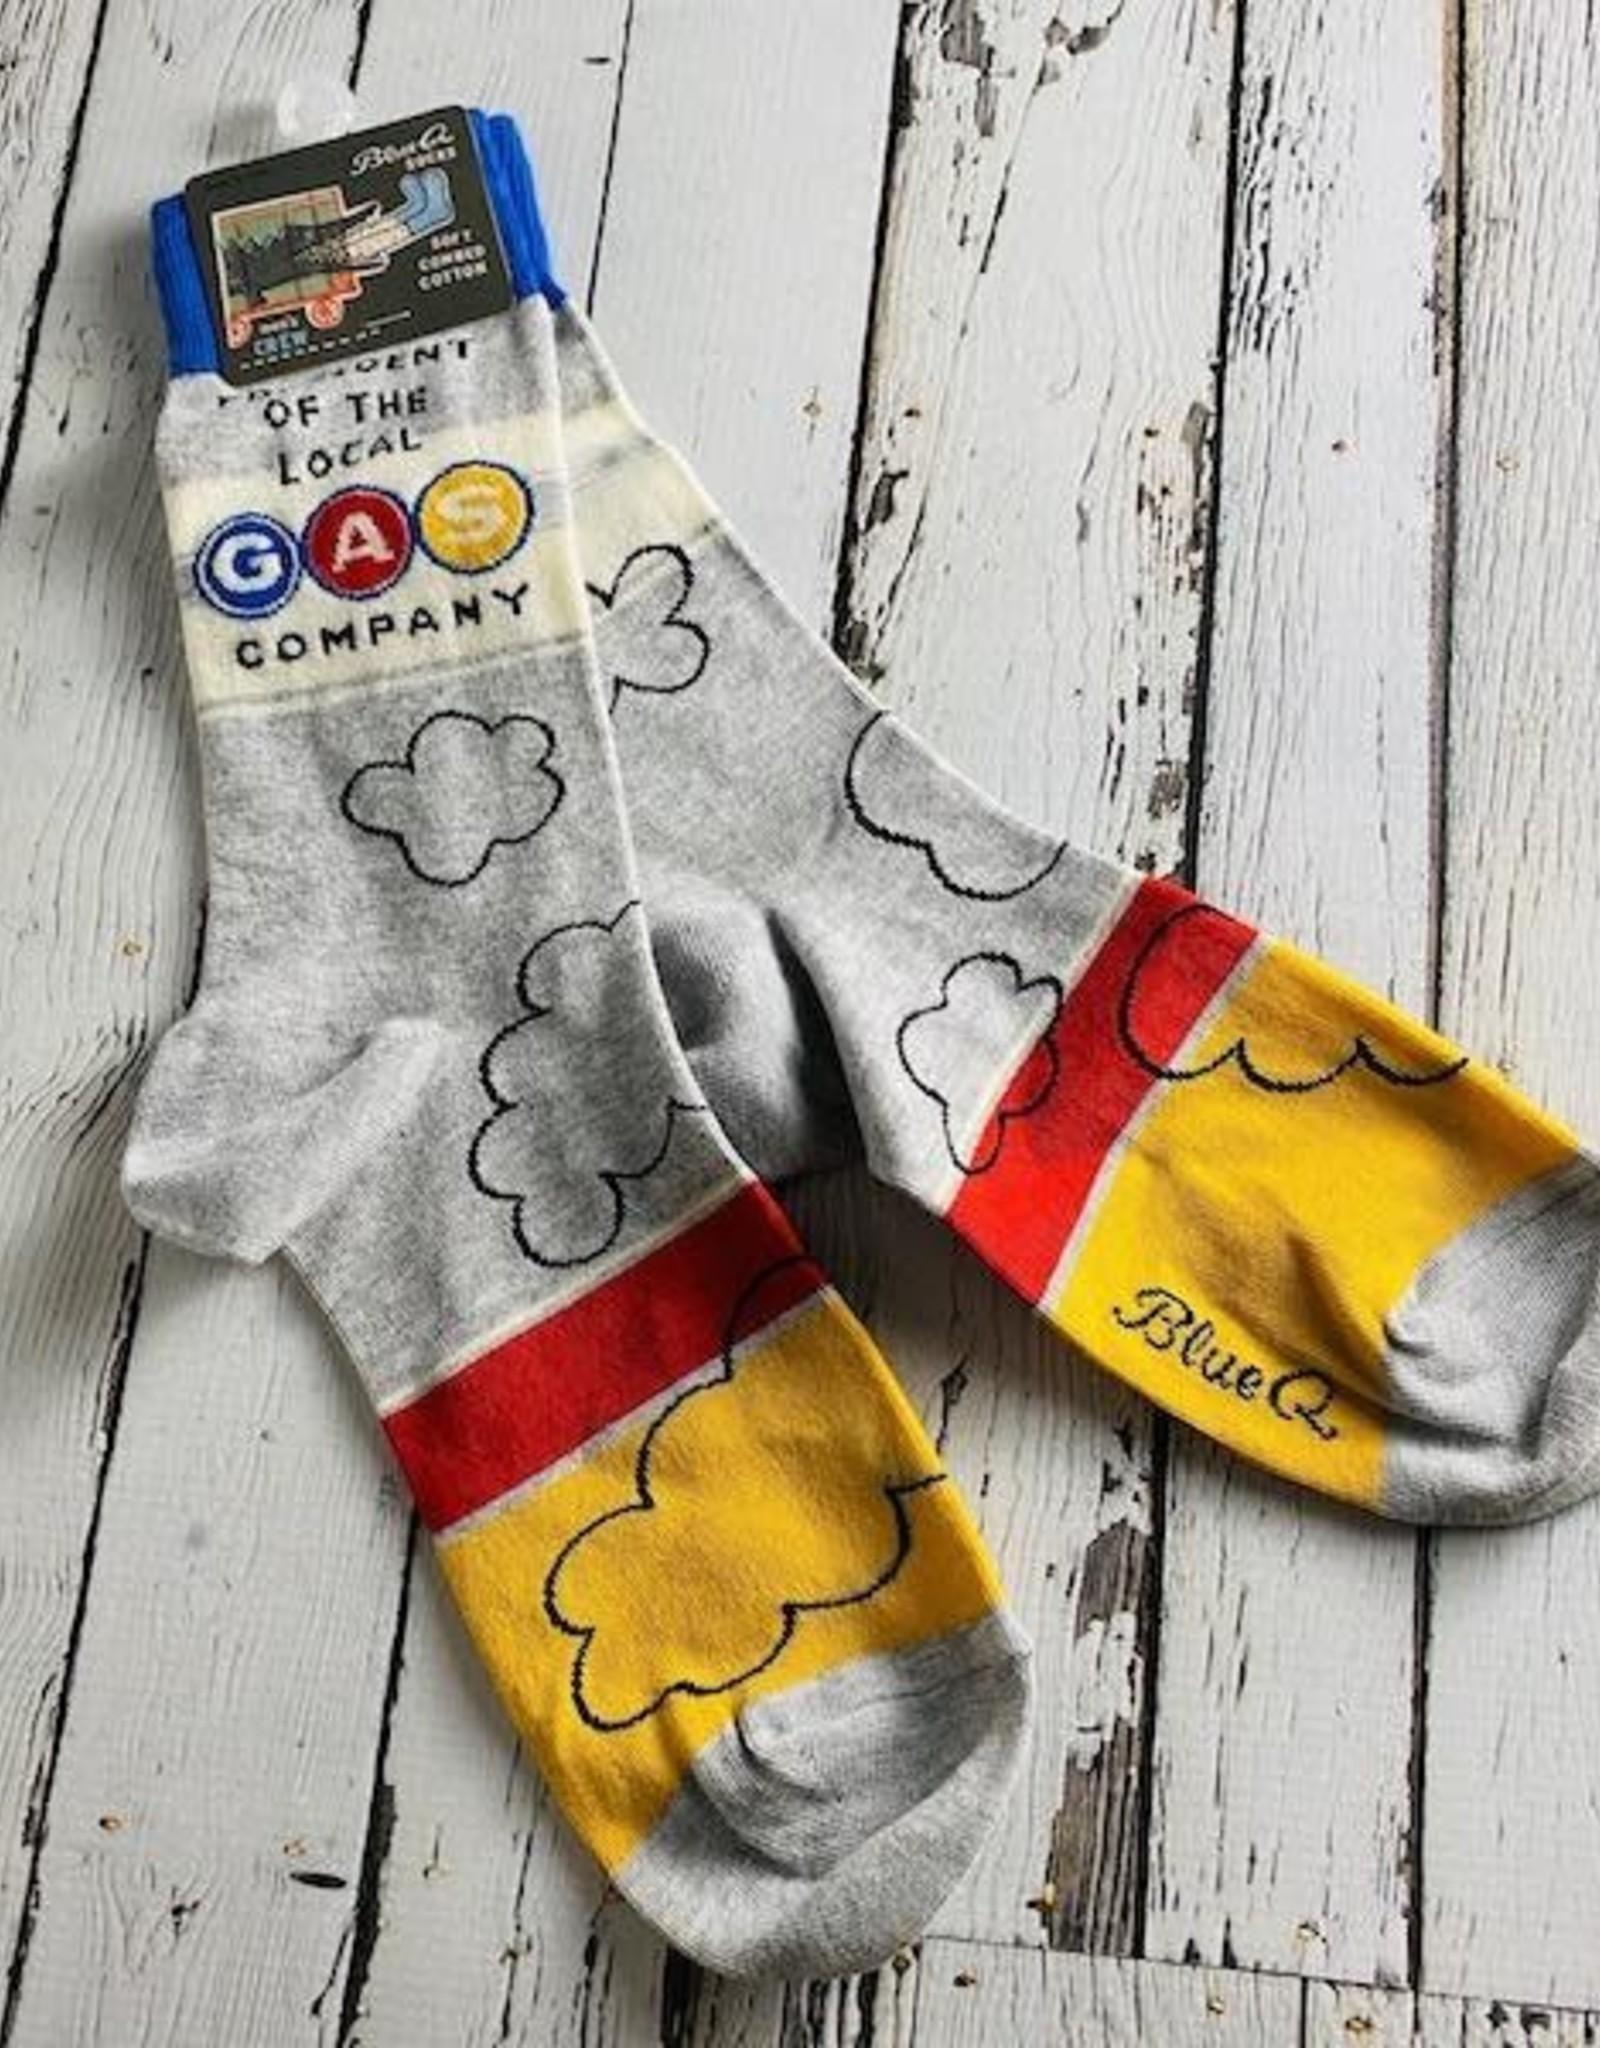 President GAS Co. Men's Crew Socks